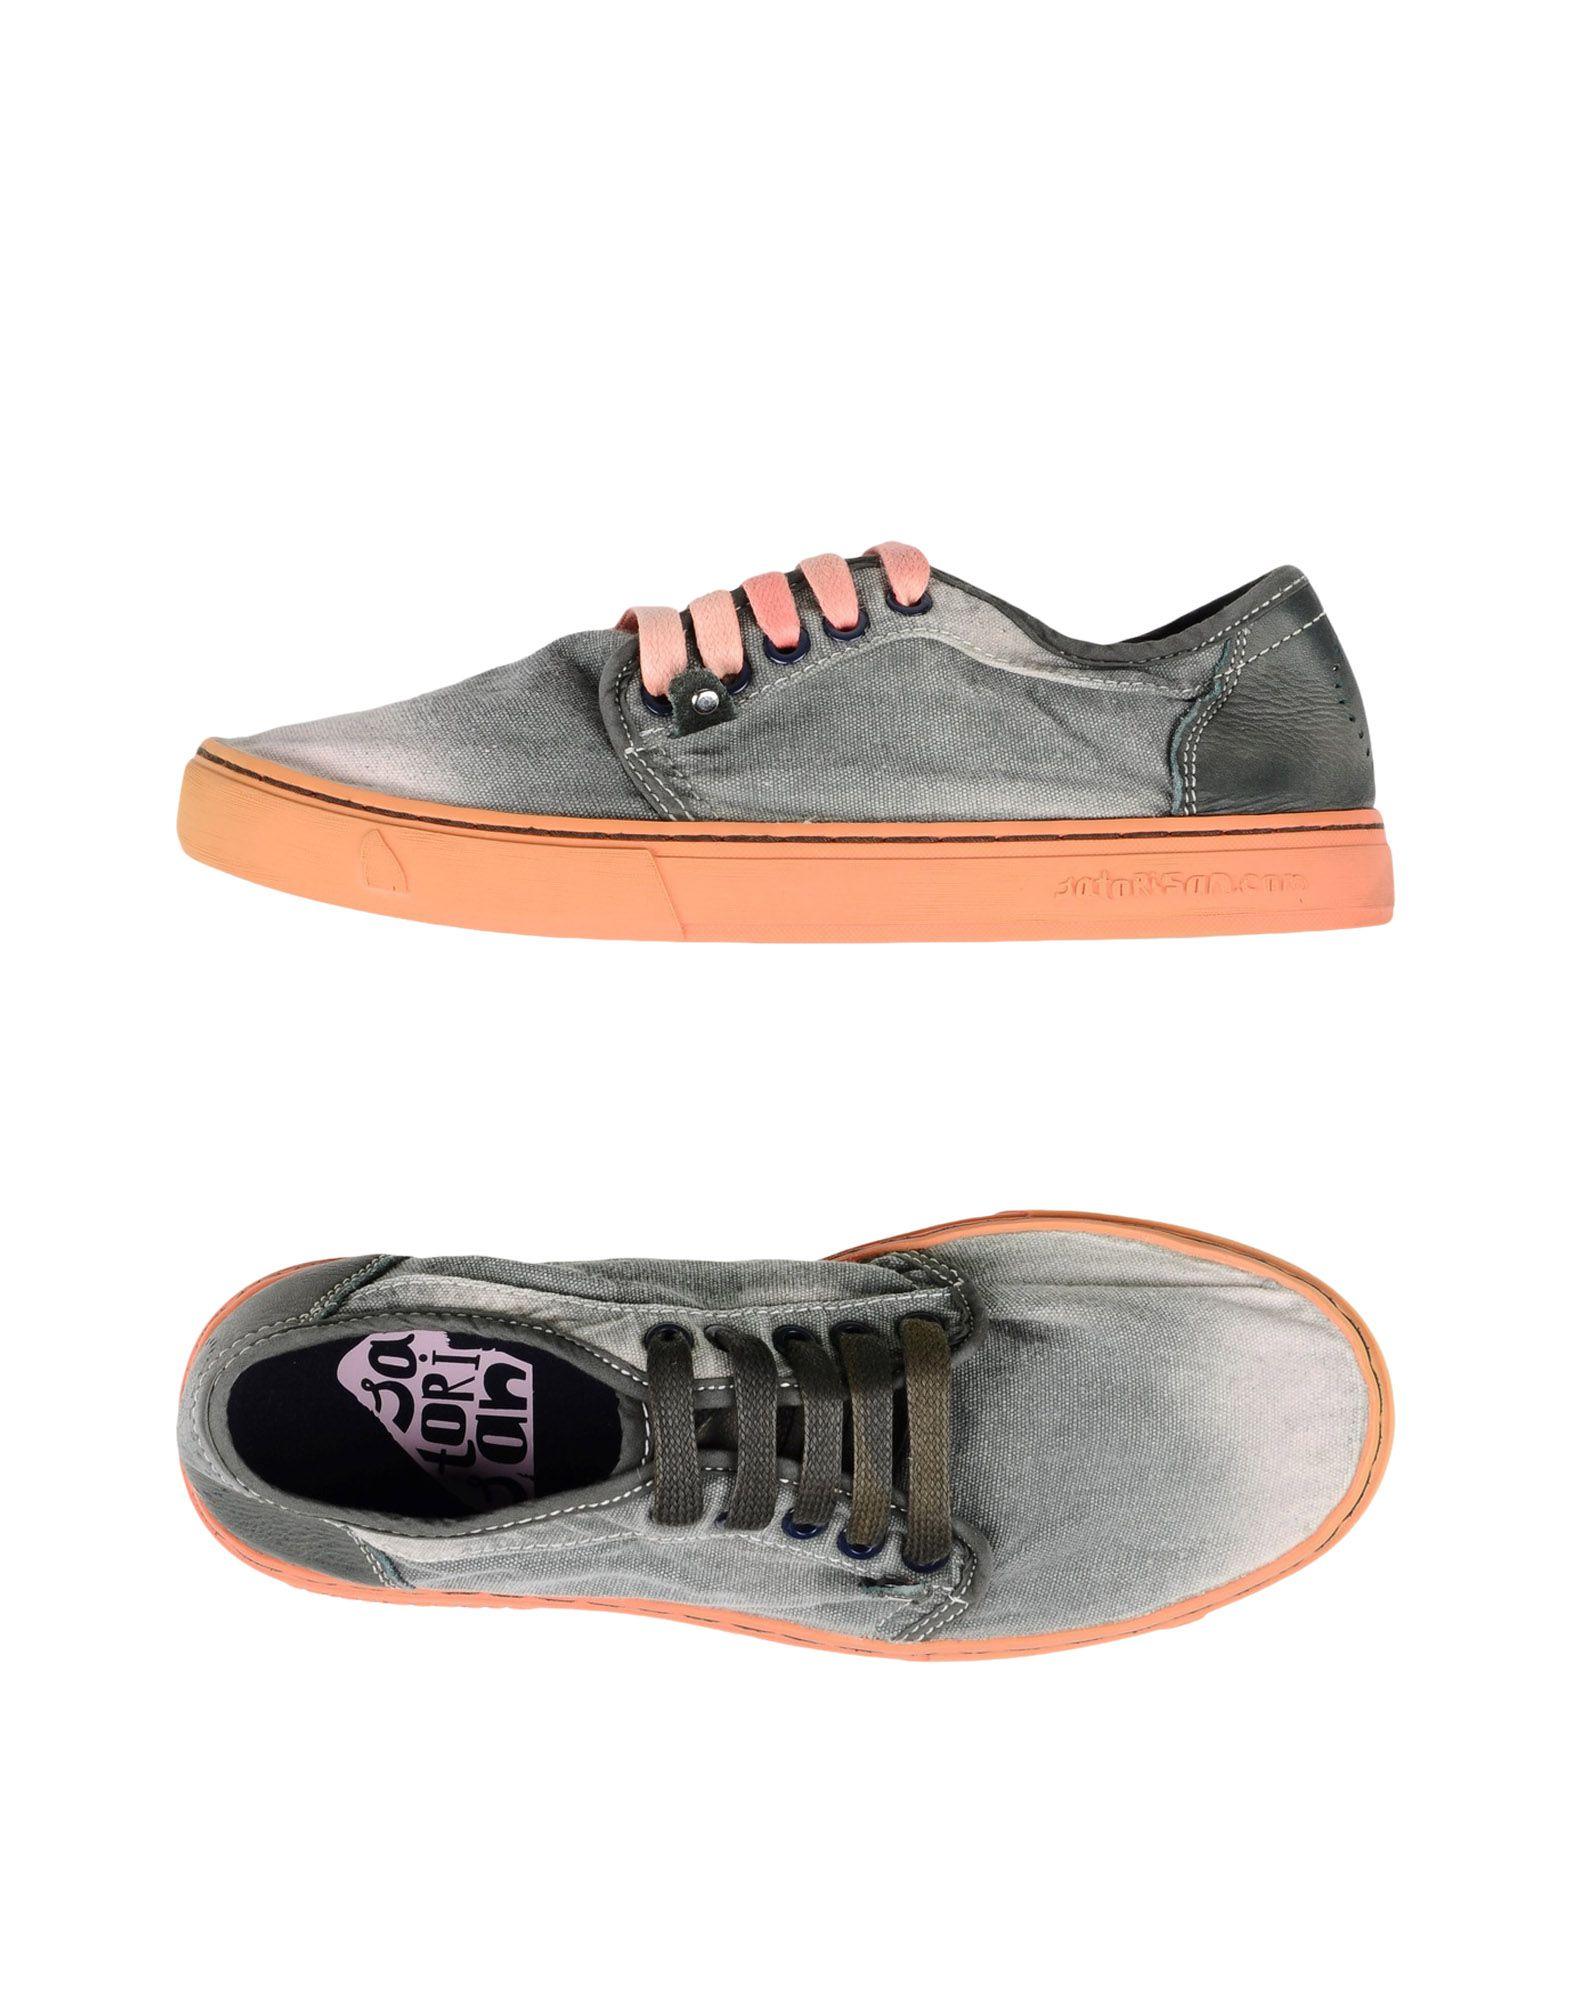 Satorisan Sneakers Sneakers Sneakers - Women Satorisan Sneakers online on  United Kingdom - 11375001SJ d80363